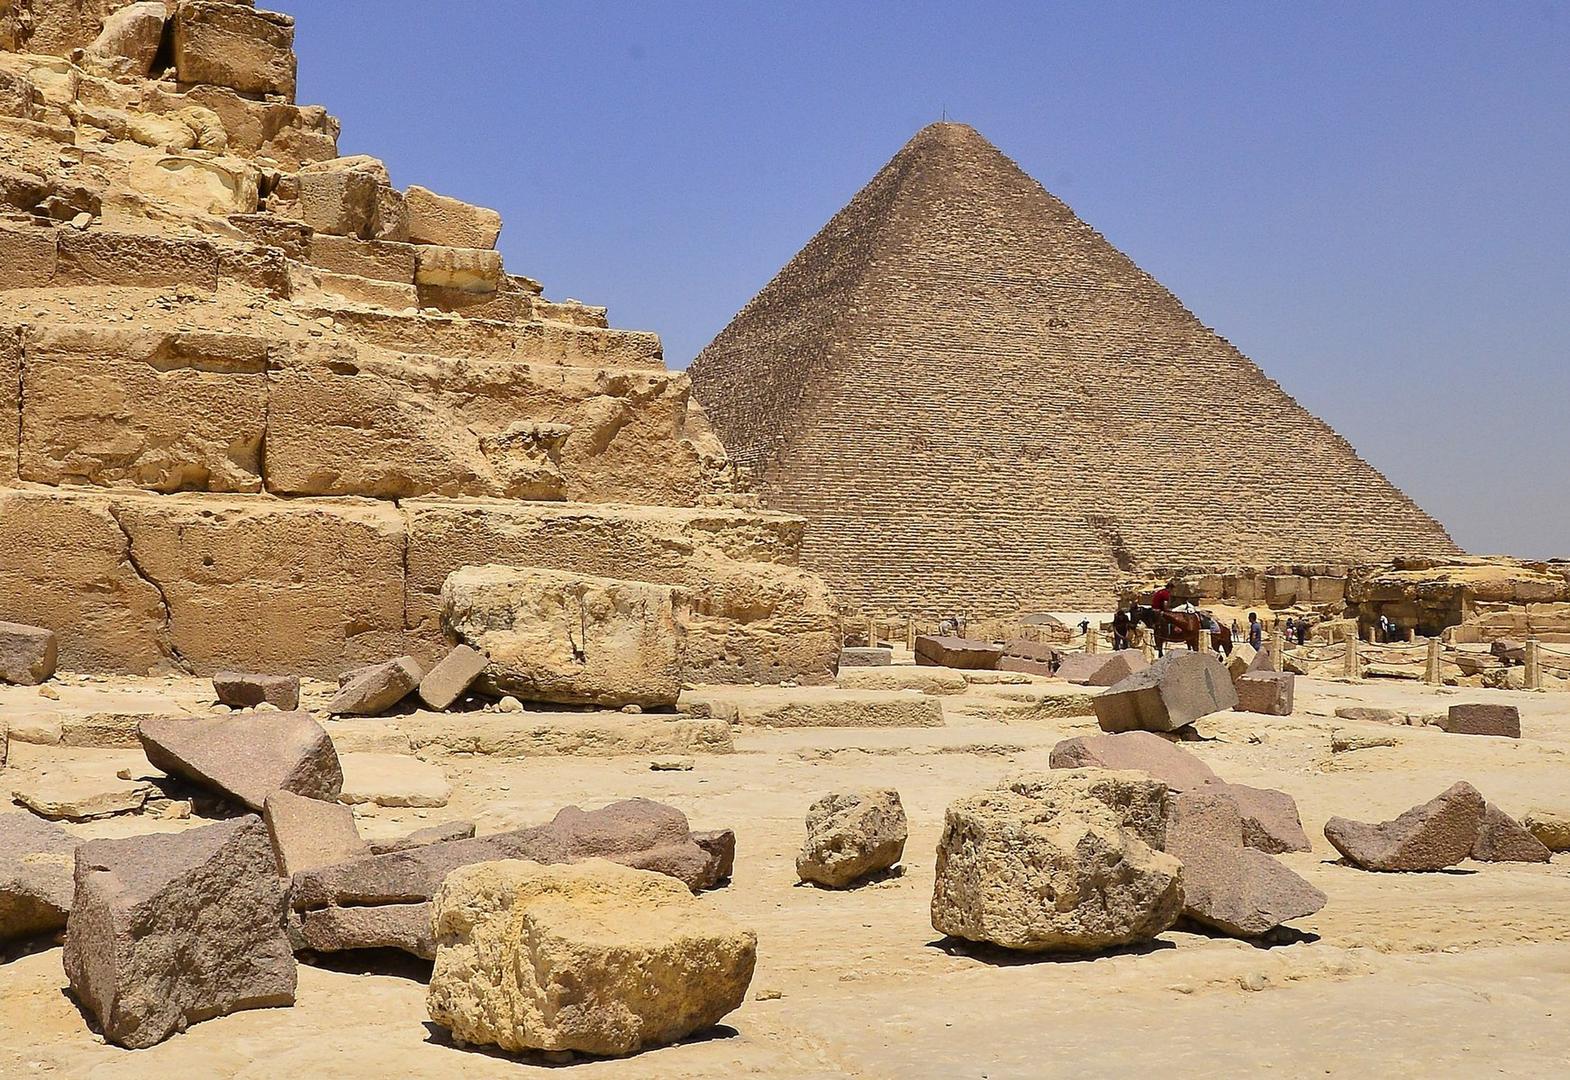 Гиза. Вид на Великую пирамиду царя Хуфу (Хеопса).